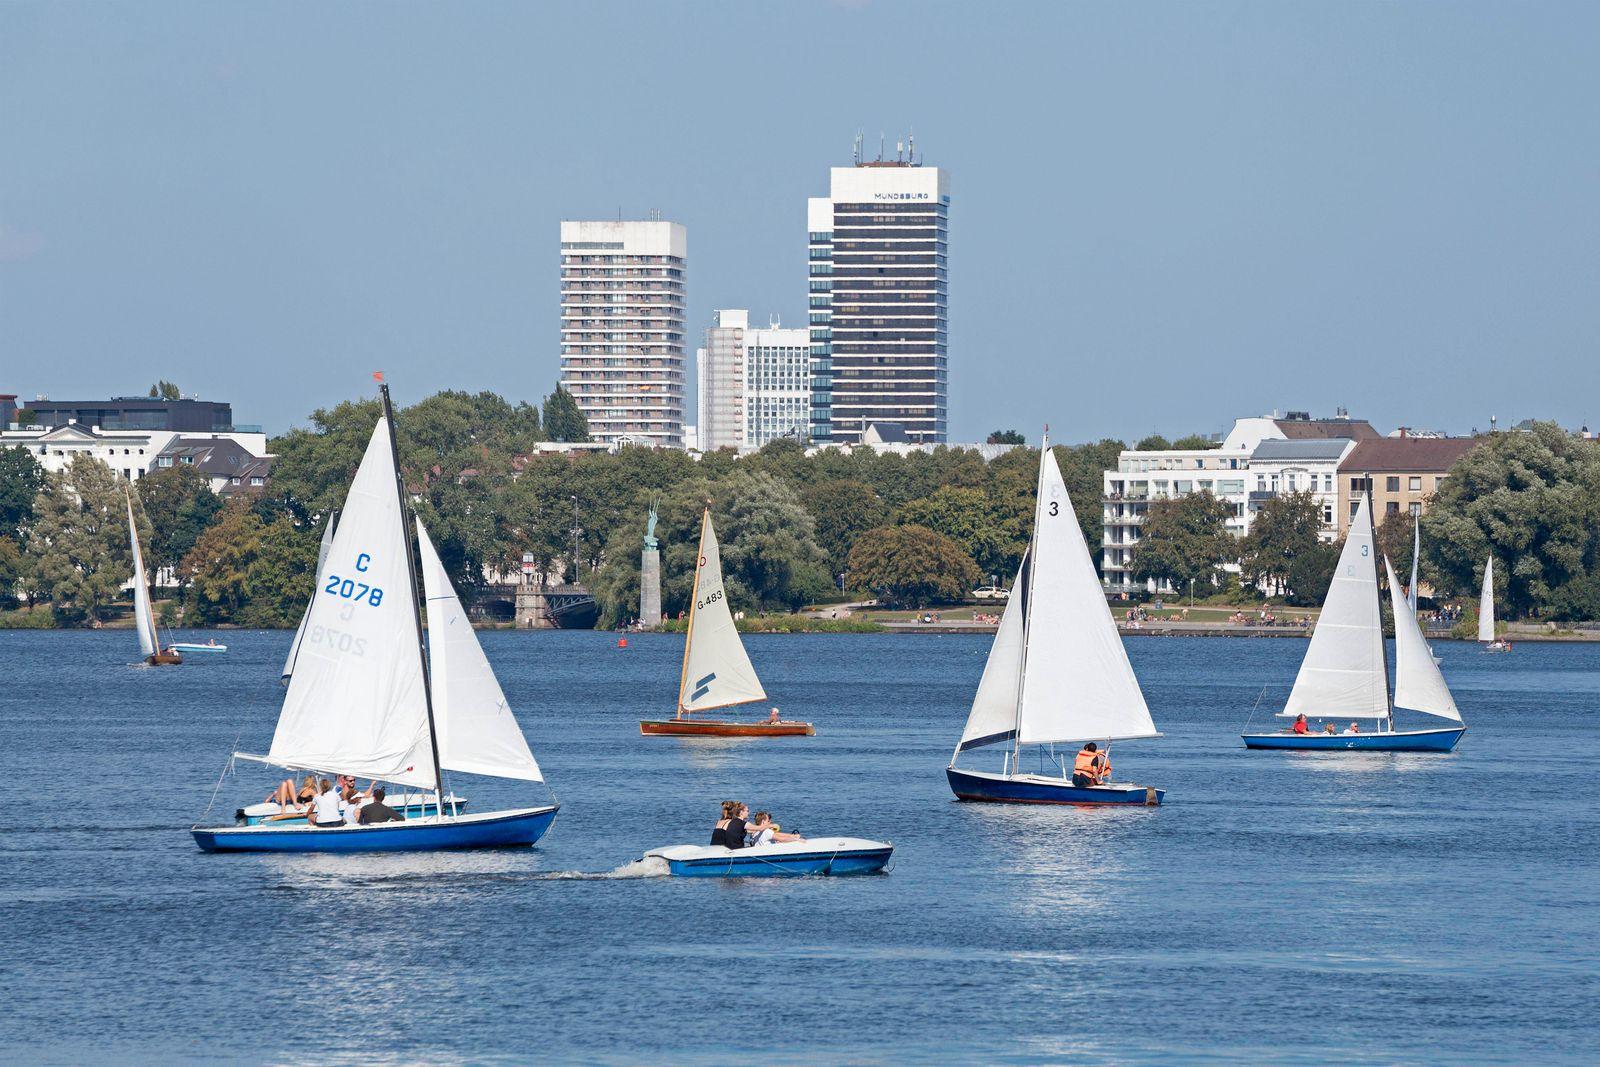 Mundsburg Hochhäuser, Segelboote auf der Außenalster, Hamburg, Deutschland, Europa *** Mundsburg skyscrapers, sailing bo